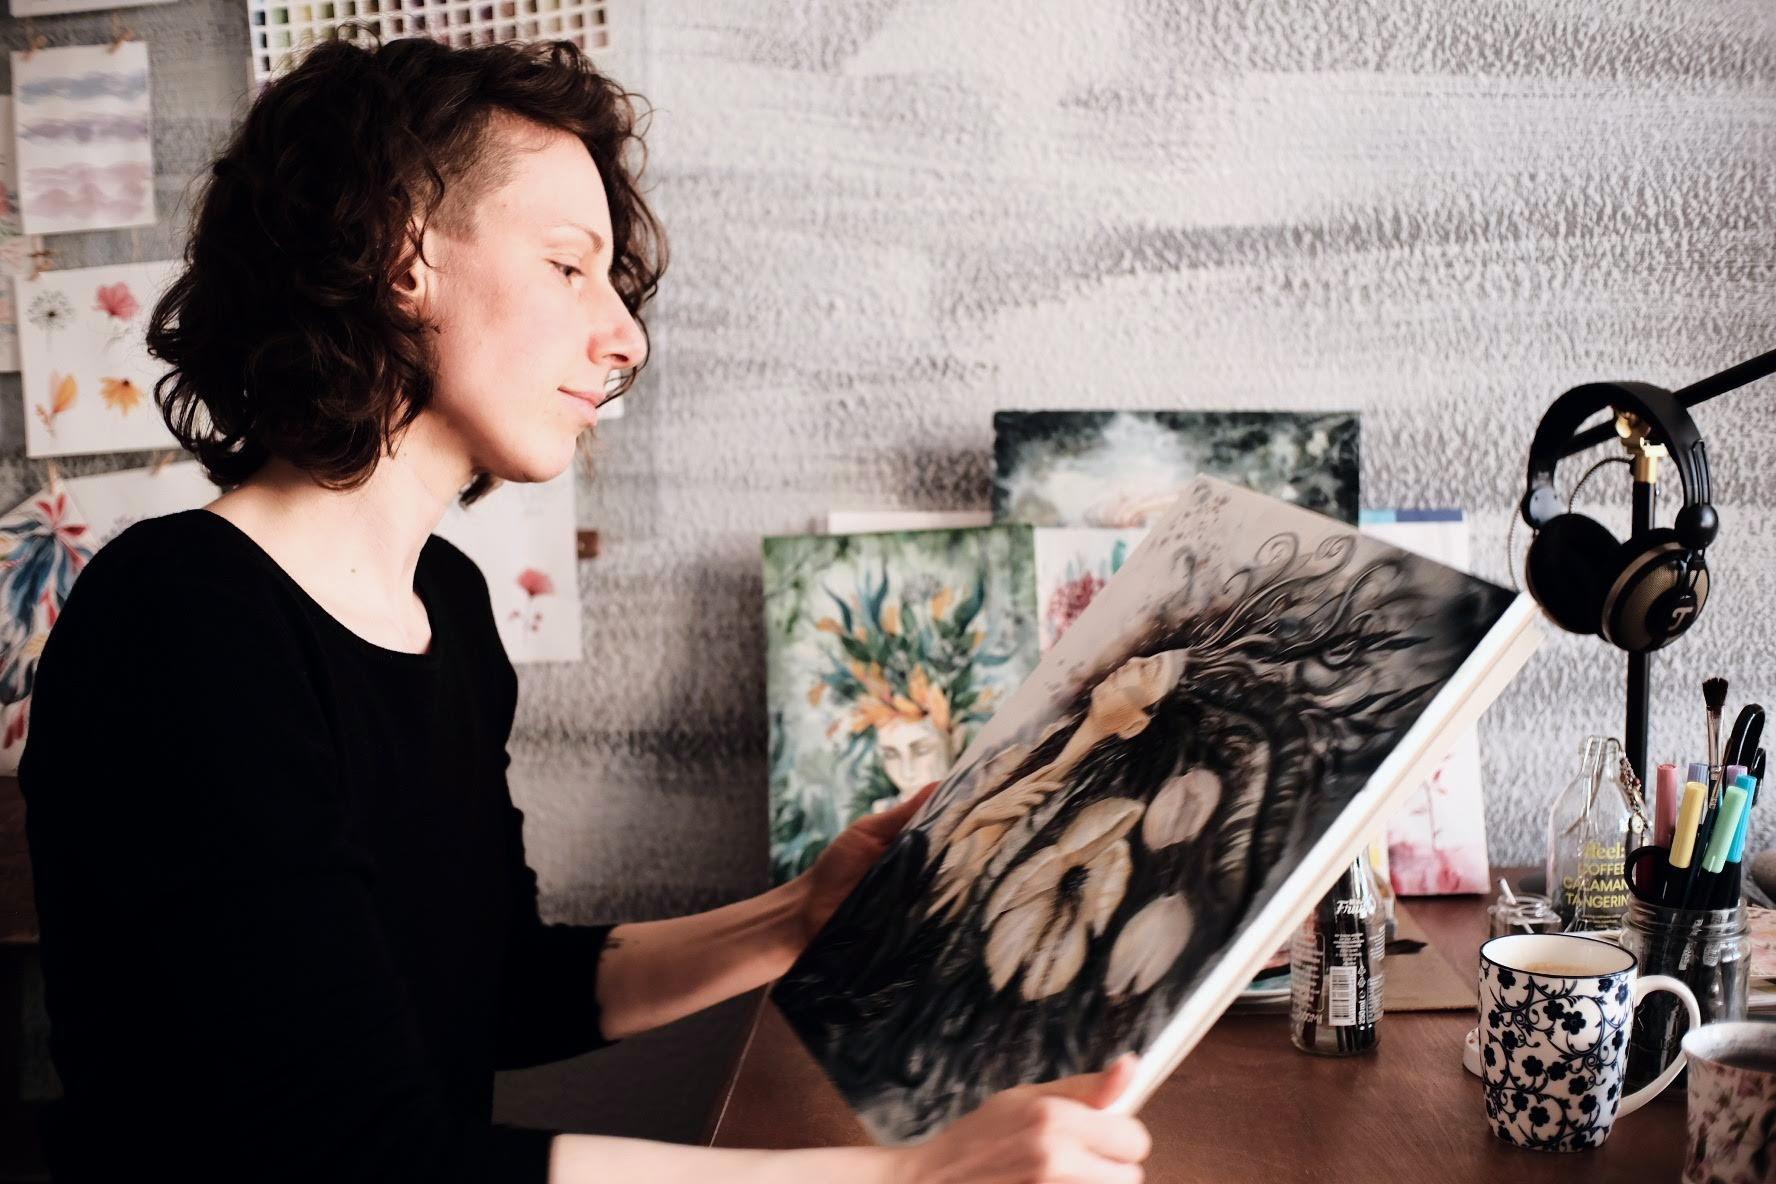 Innerer Kritiker Maria und der Pinsel Kreativität Gelassenheit Prozess